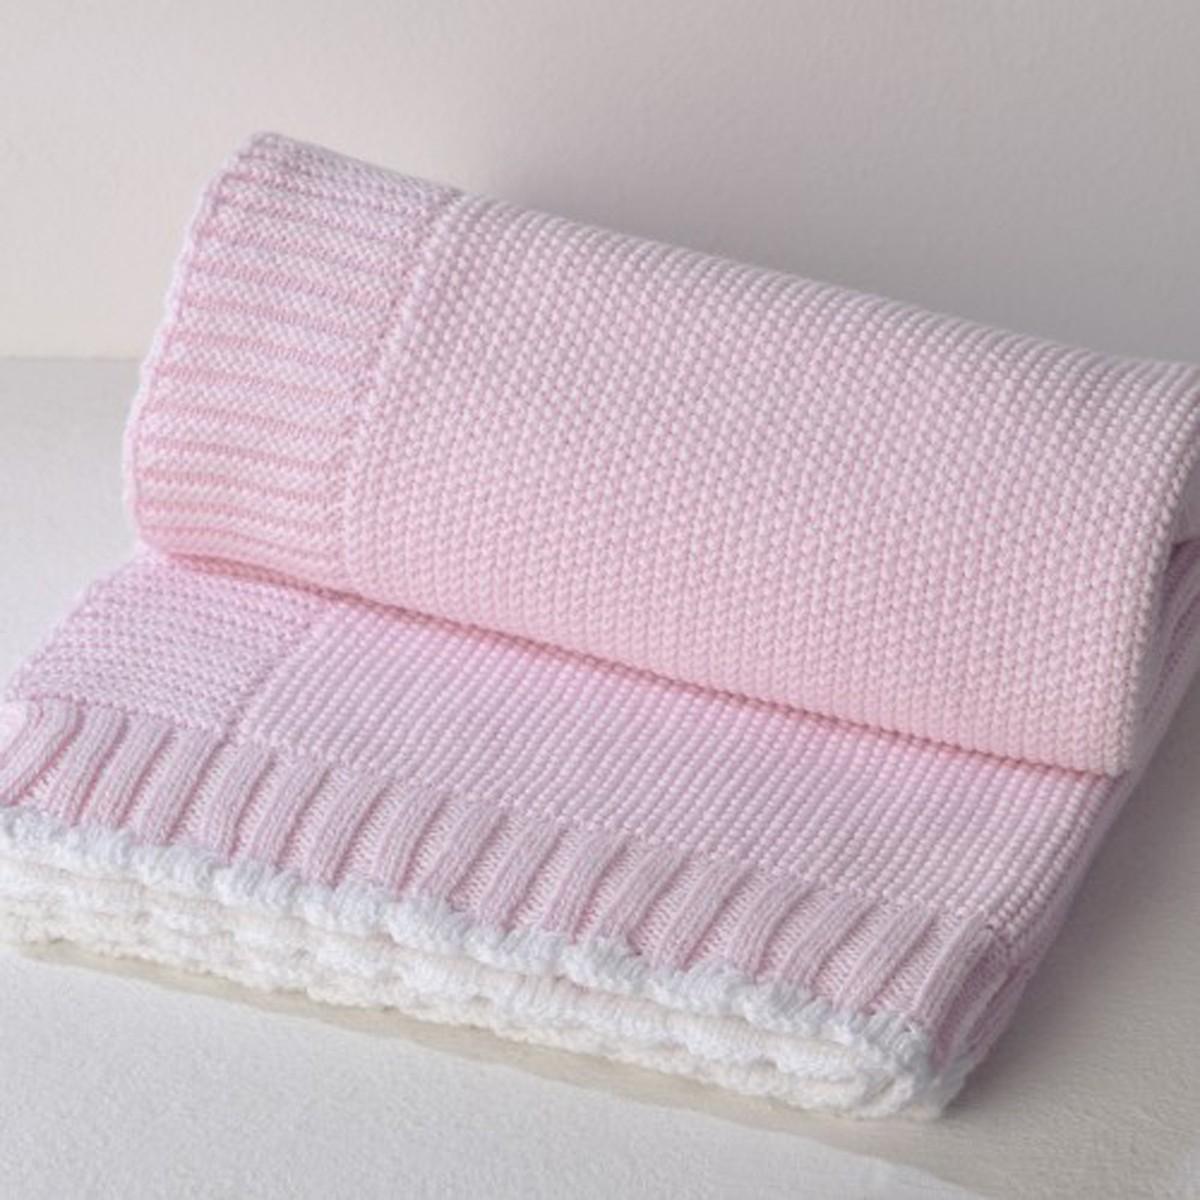 Βρεφικά   Κουβέρτες Βρεφικές   Κουβέρτες Fleece Das Home - Oikiamag ... 1a577e539c9